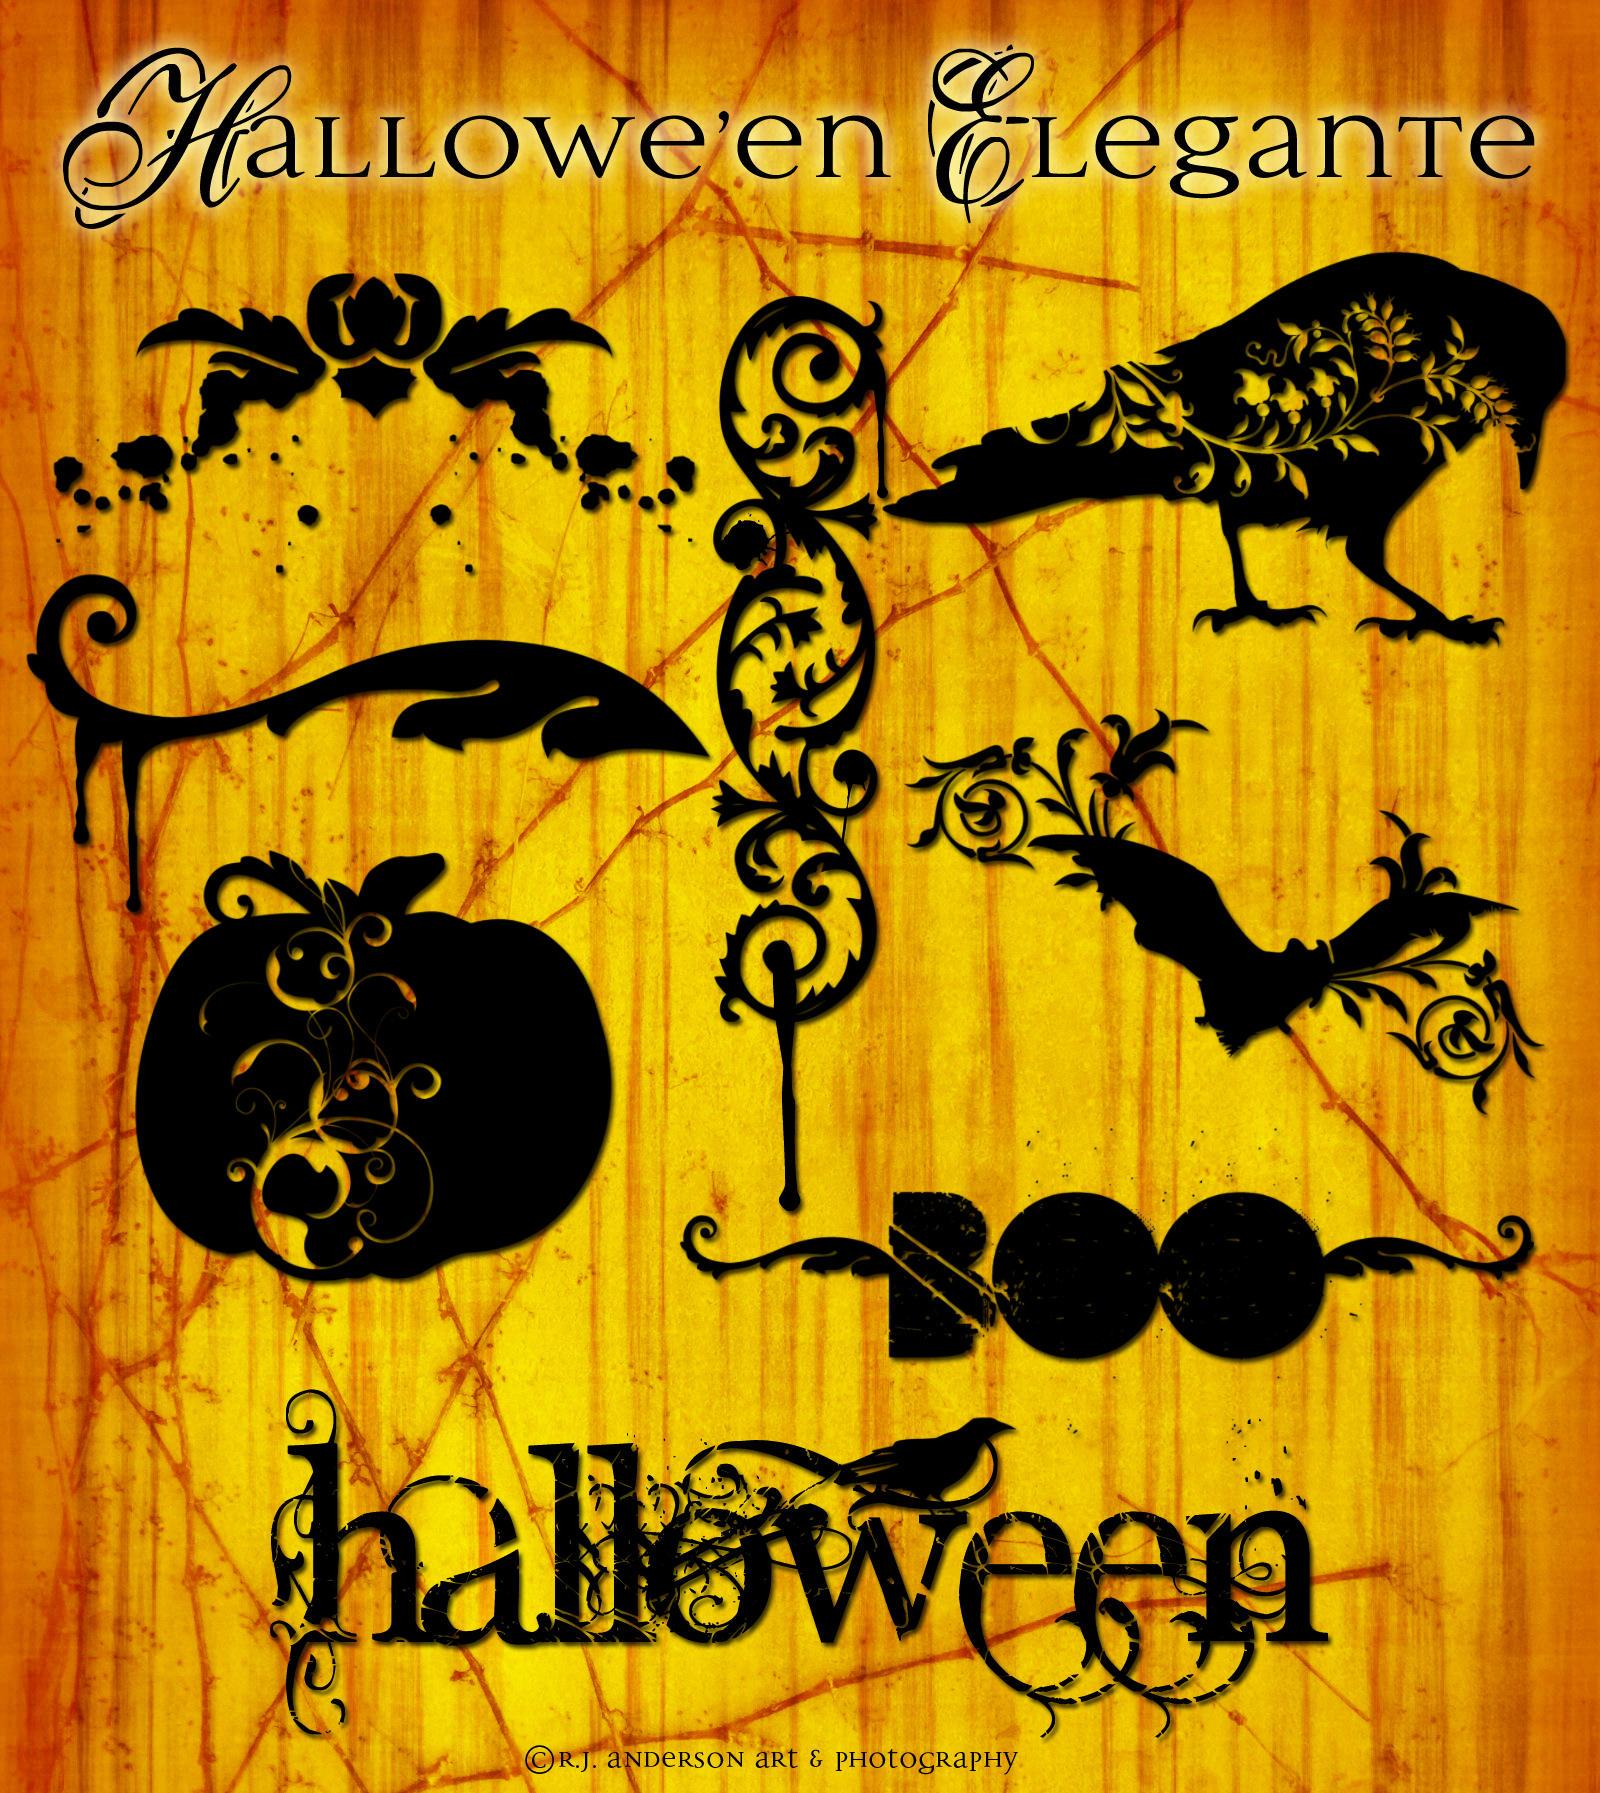 Halloween Elegante by rjandersonart